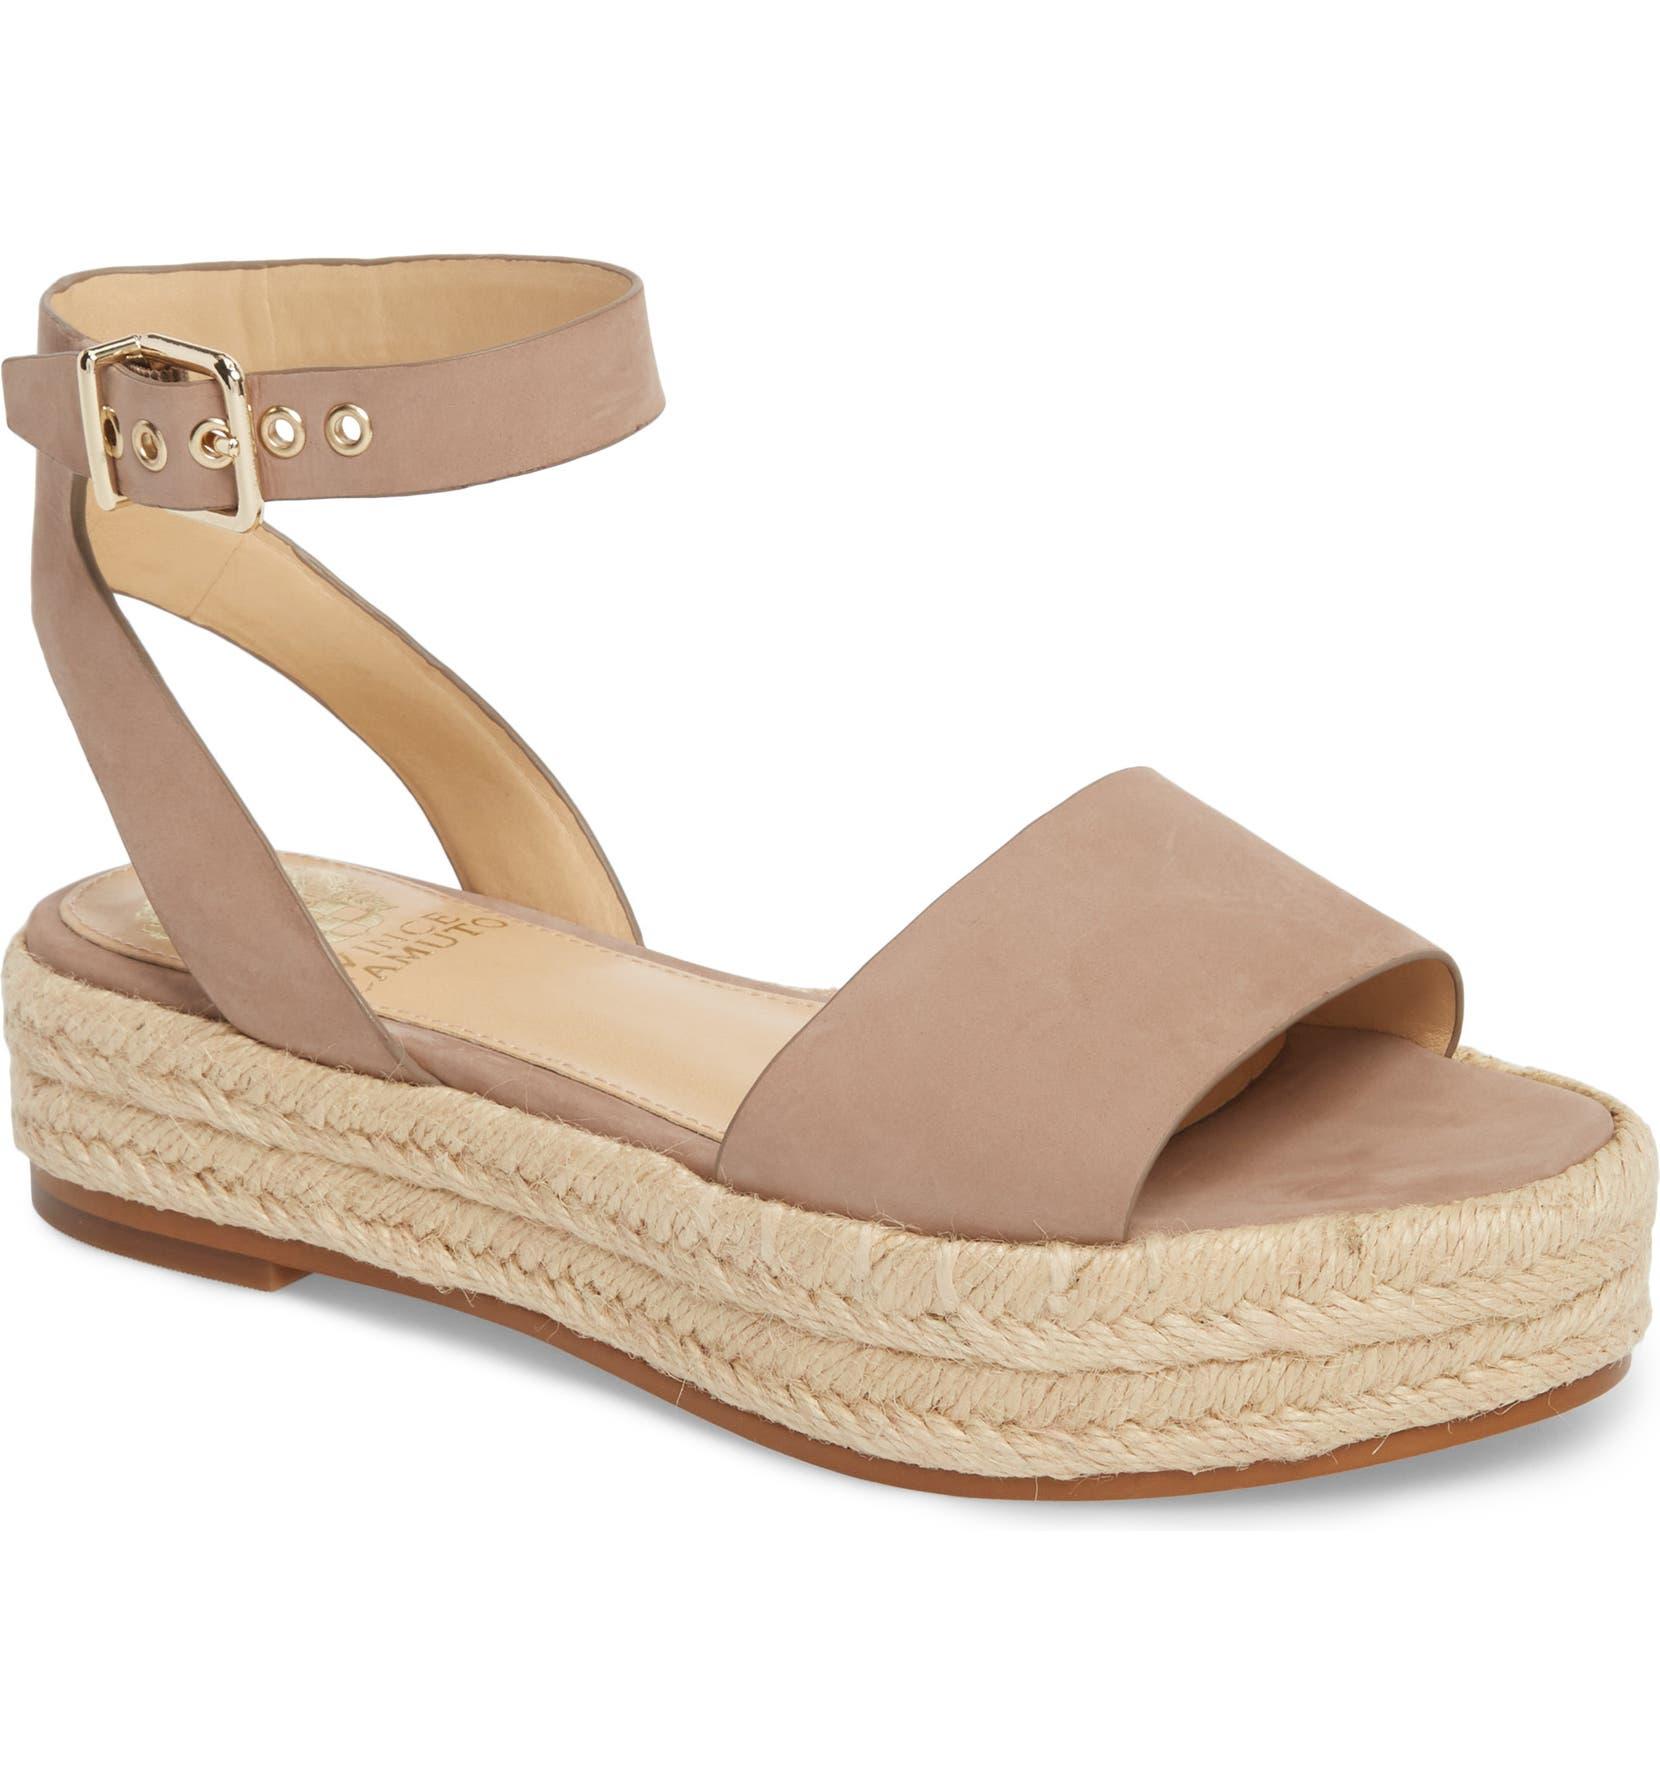 ad8bad3544 Vince Camuto Kathalia Platform Sandal (Women) | Nordstrom